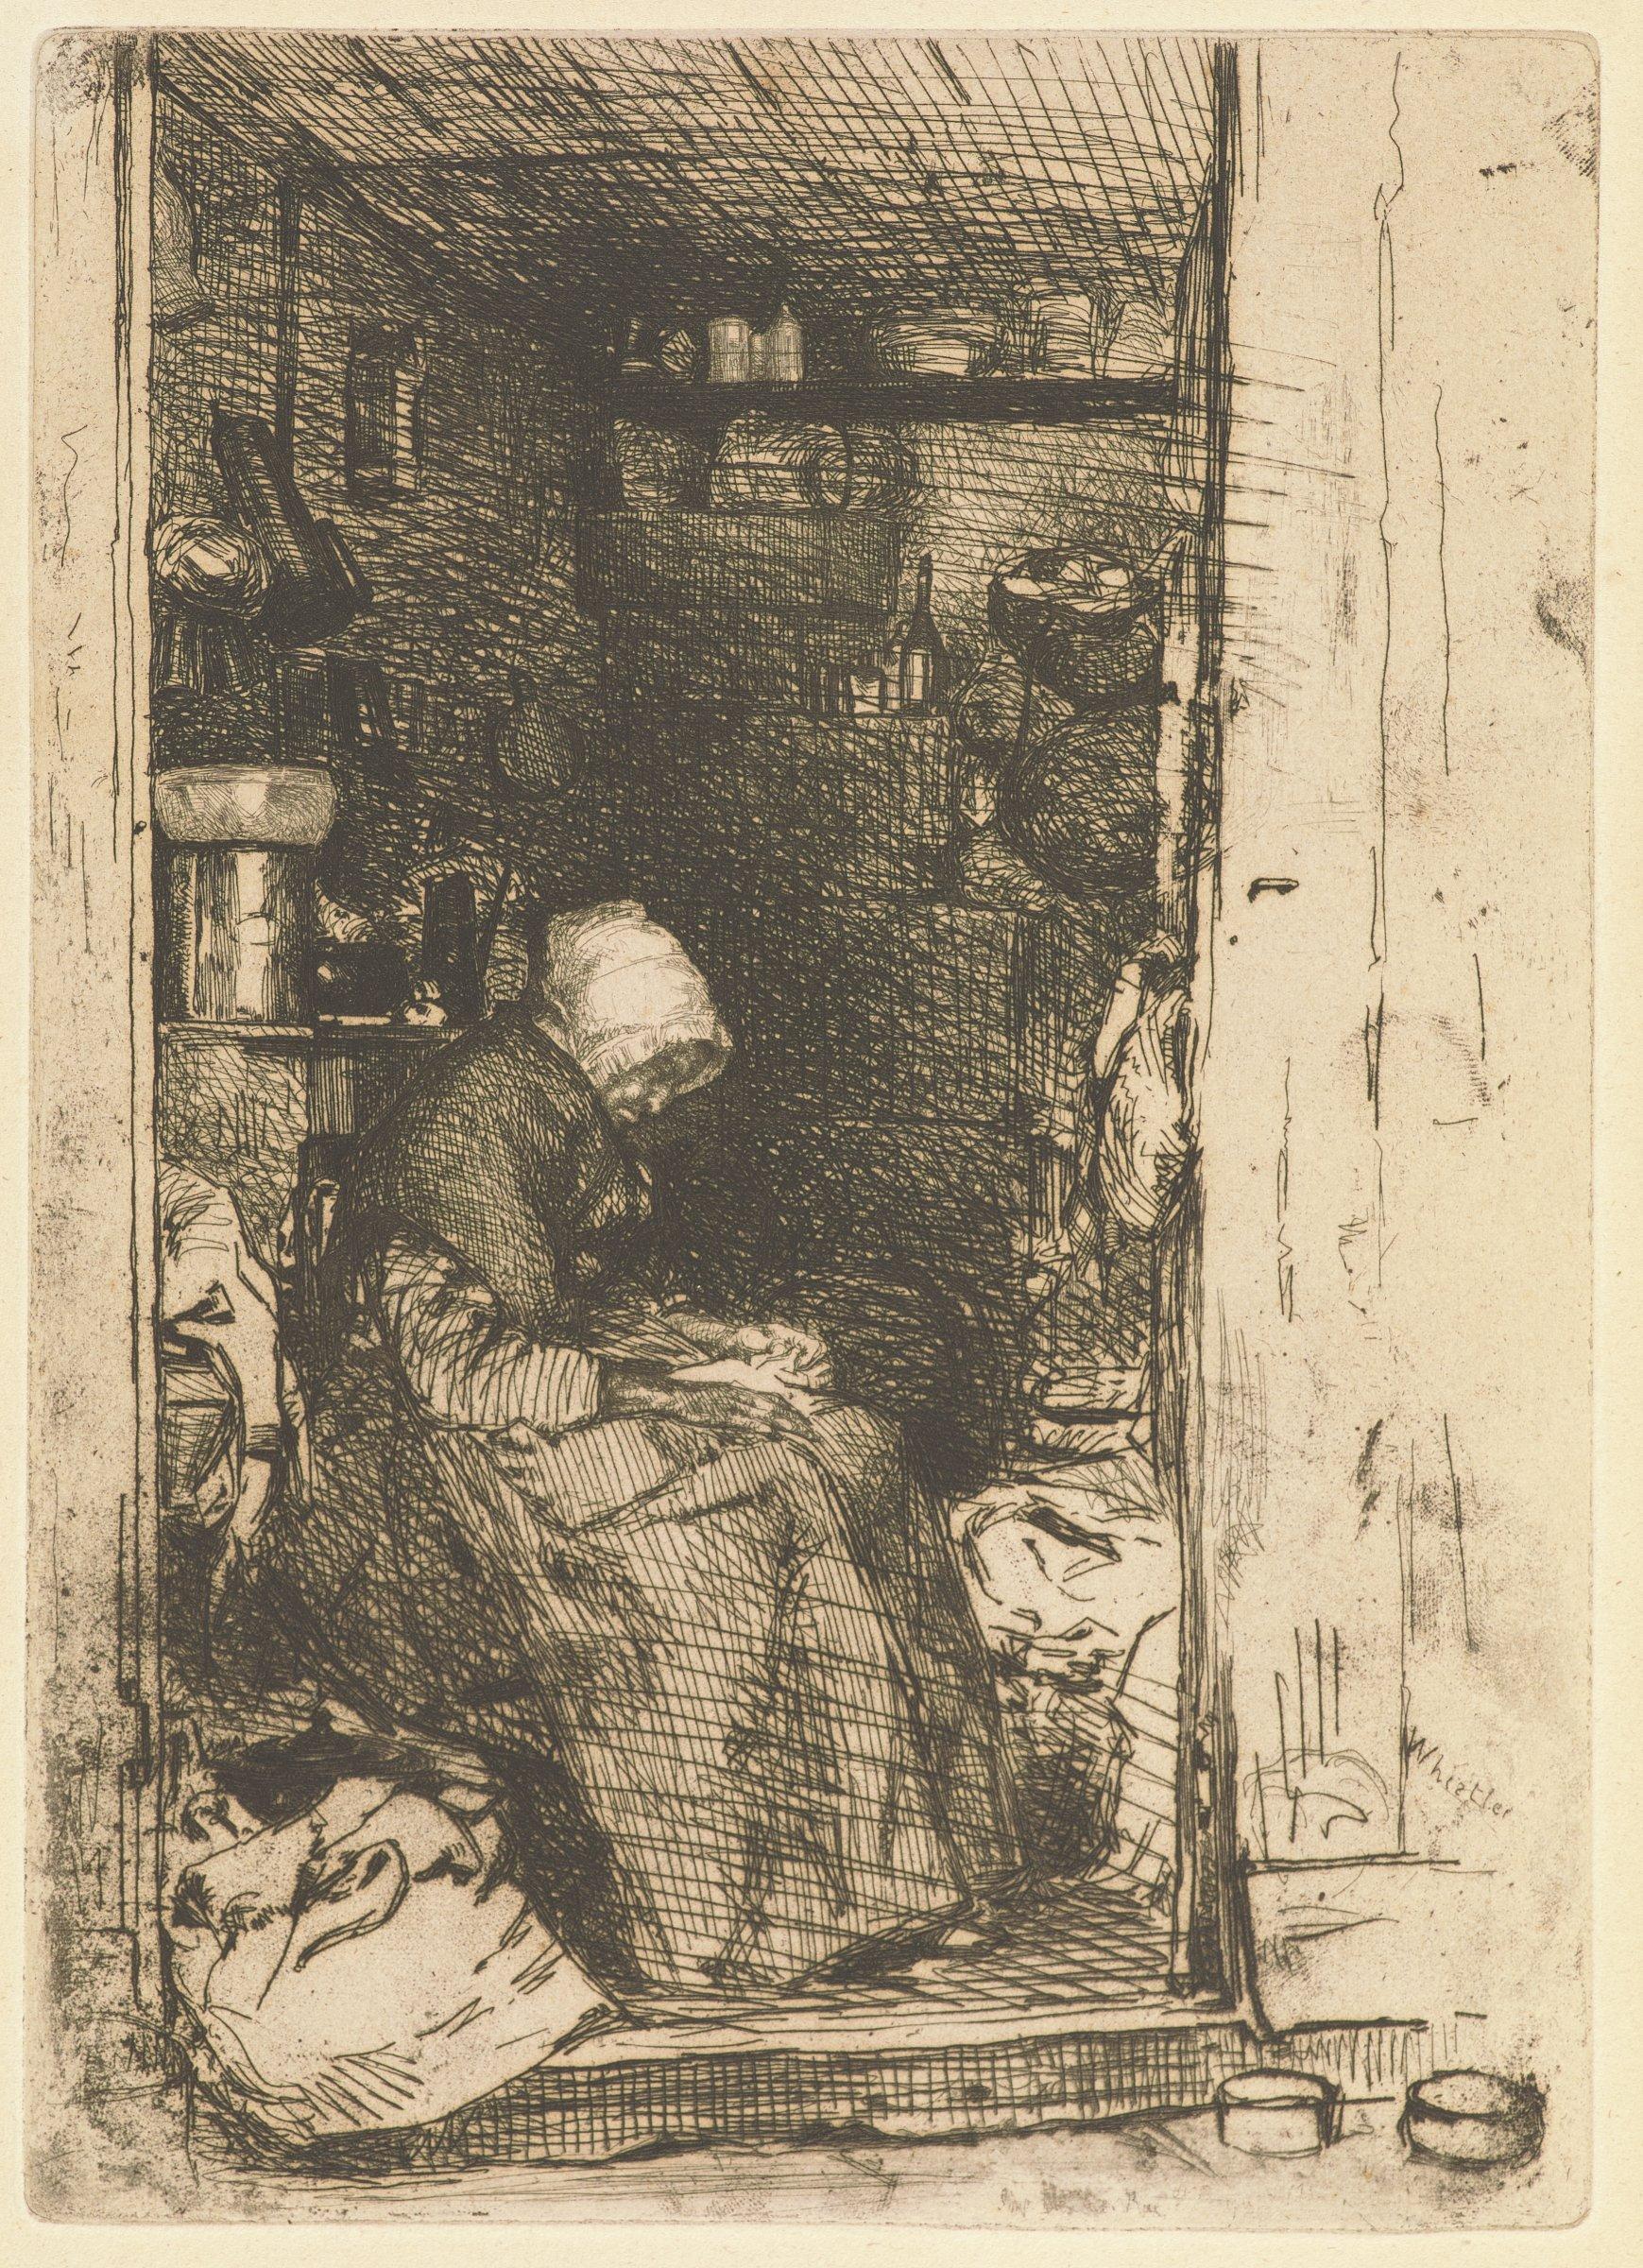 La Vieille aux Loques, James Abbott McNeill Whistler, etching